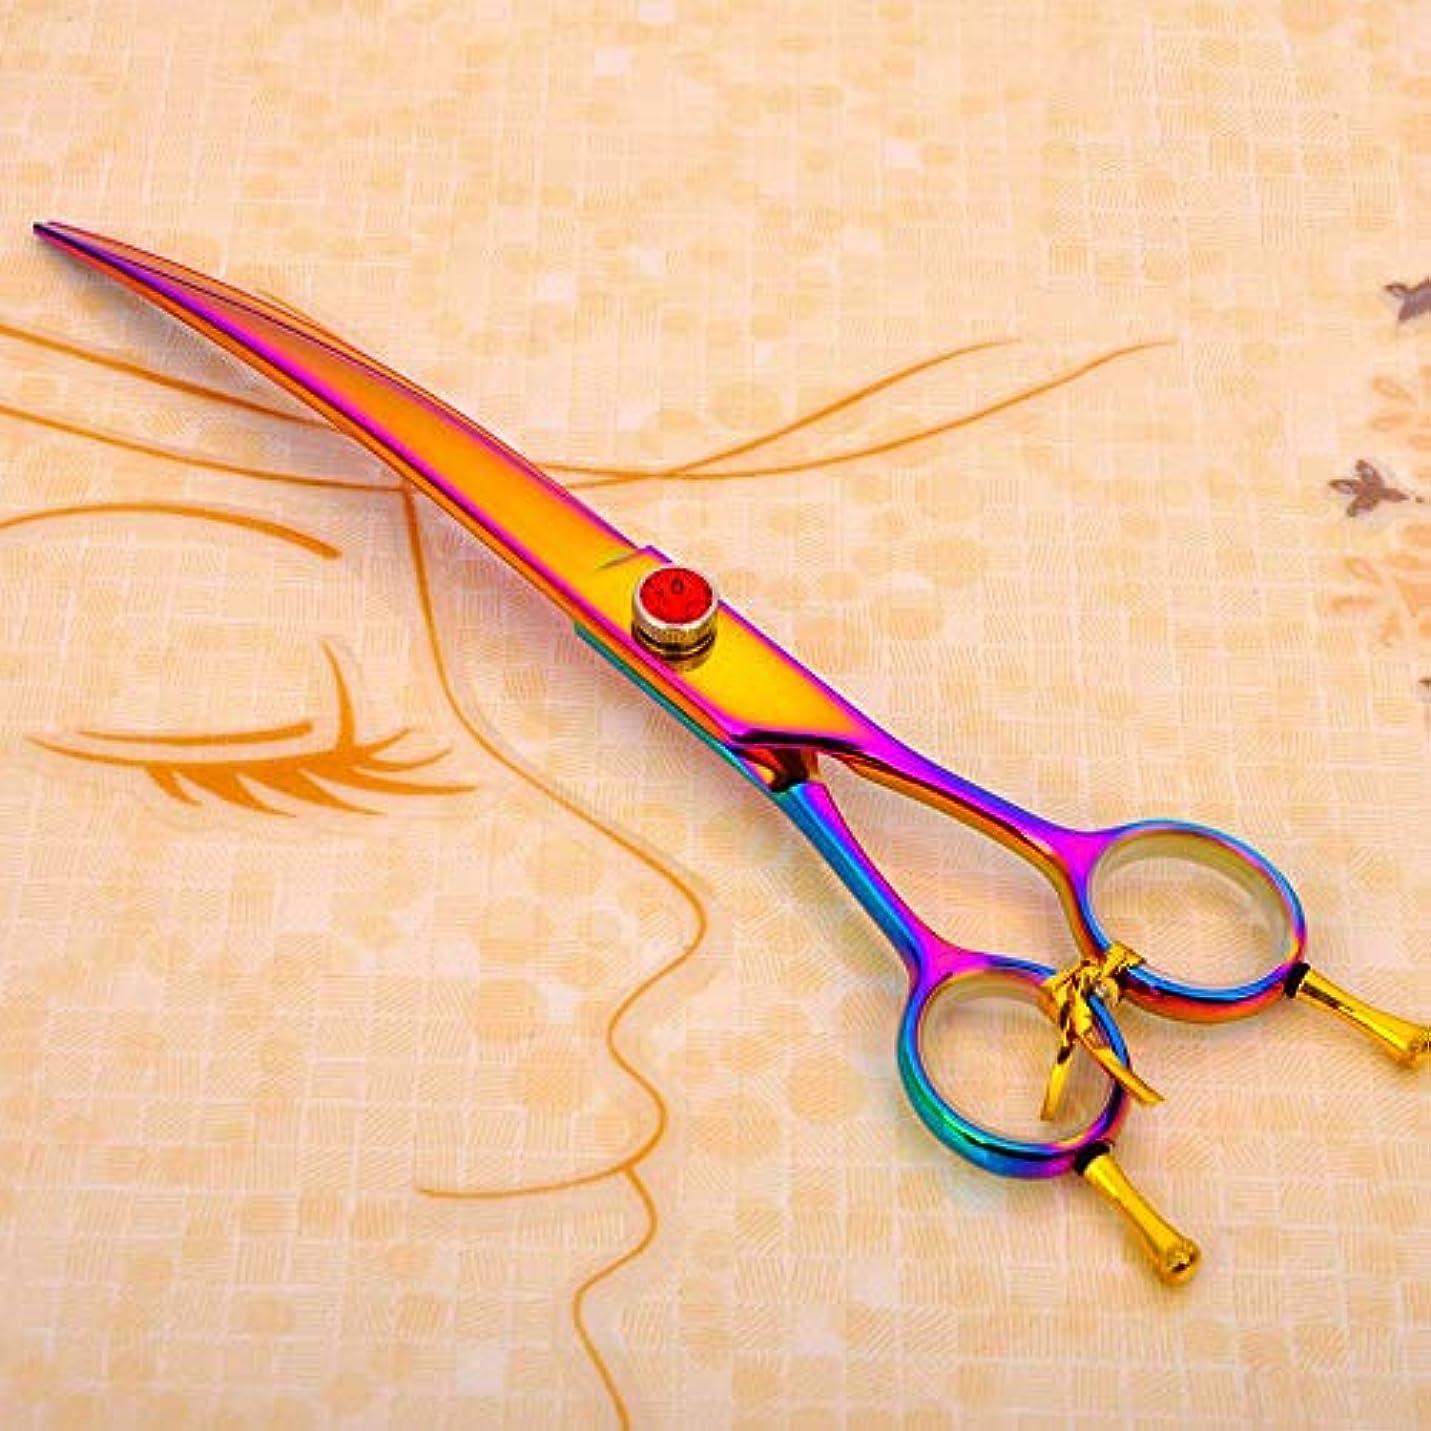 カラスコンドーム強調する理髪用はさみ 8.0インチの両側曲げ鋏、ペットグルーミングはさみ、ヘアカットはさみ、曲げはさみヘアカットはさみステンレス理髪はさみ (色 : 色)